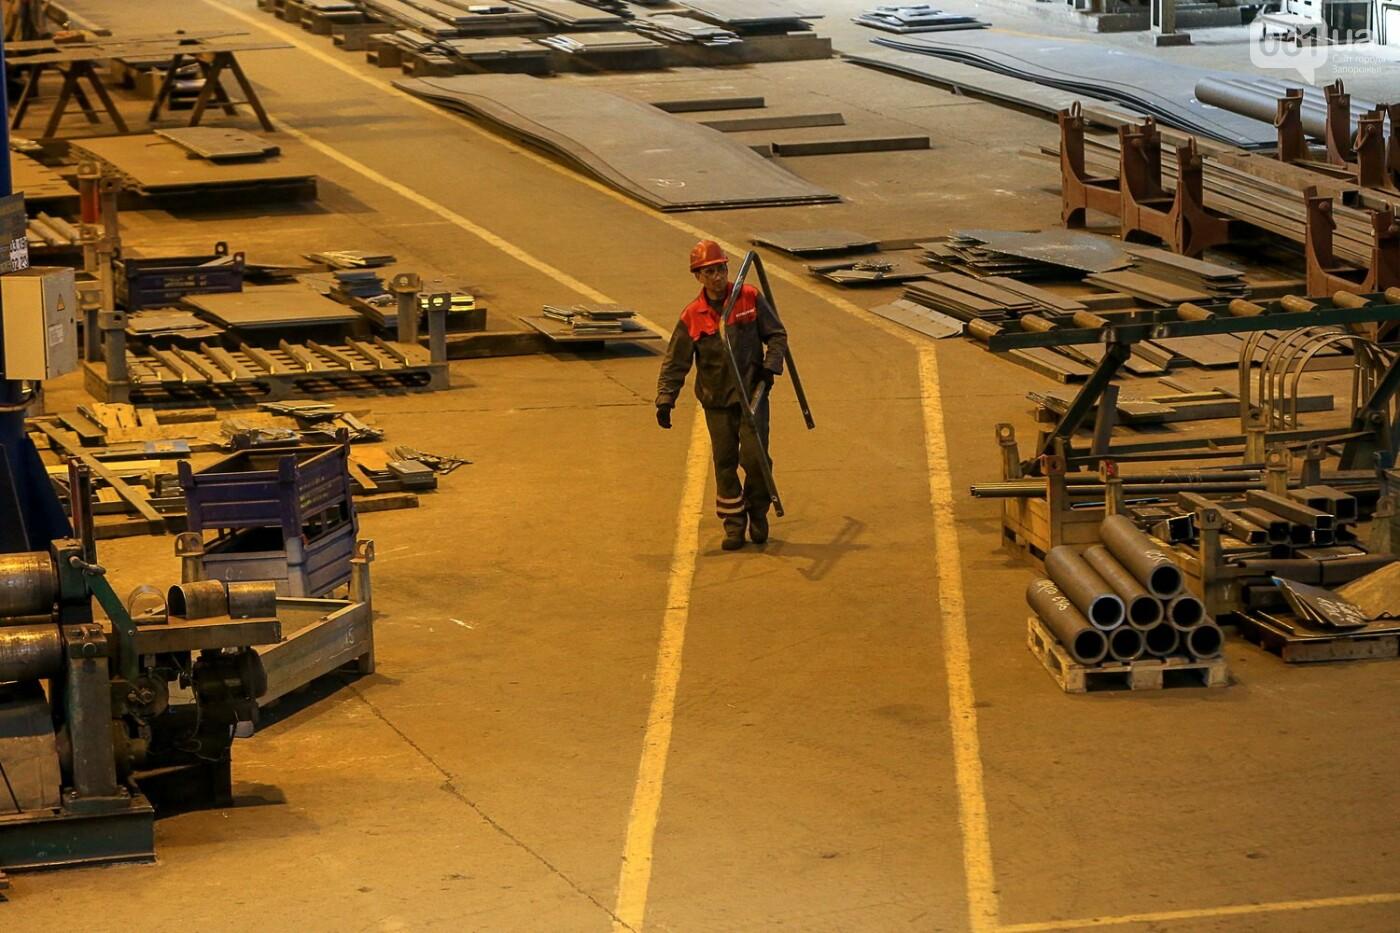 Как в Запорожье работает крупнейший в Европе завод по производству кранов: экскурсия на производство, — ФОТОРЕПОРТАЖ, фото-10